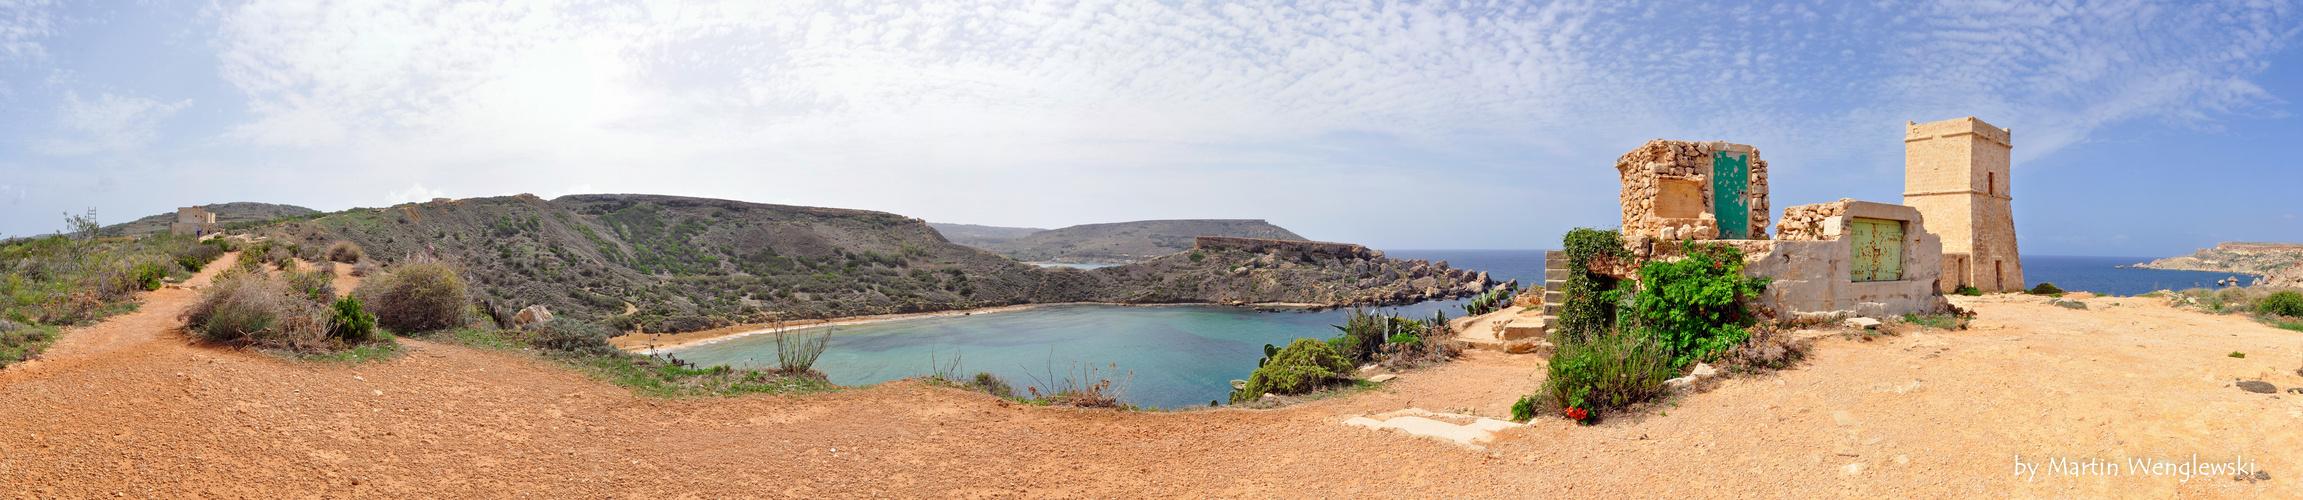 Malta - Ghajn Tuffieha Bay - Panorama